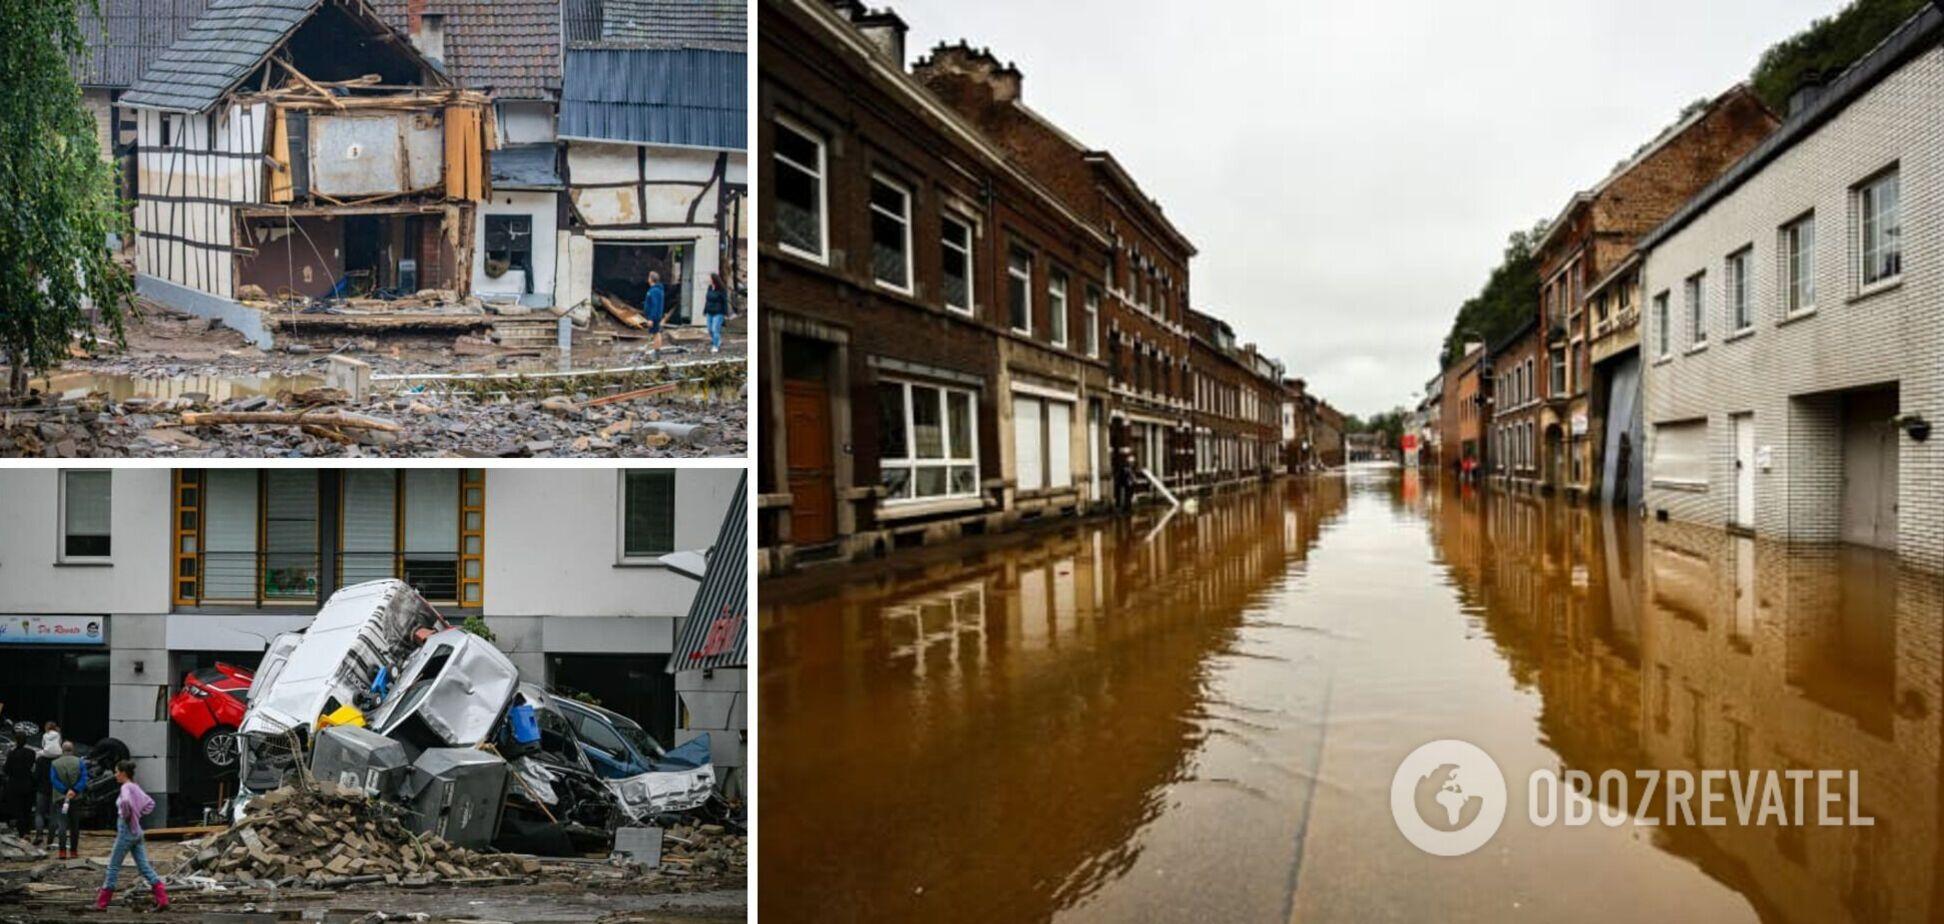 Количество жертв масштабного наводнения в Европе выросло до 200, сотни пропавших без вести